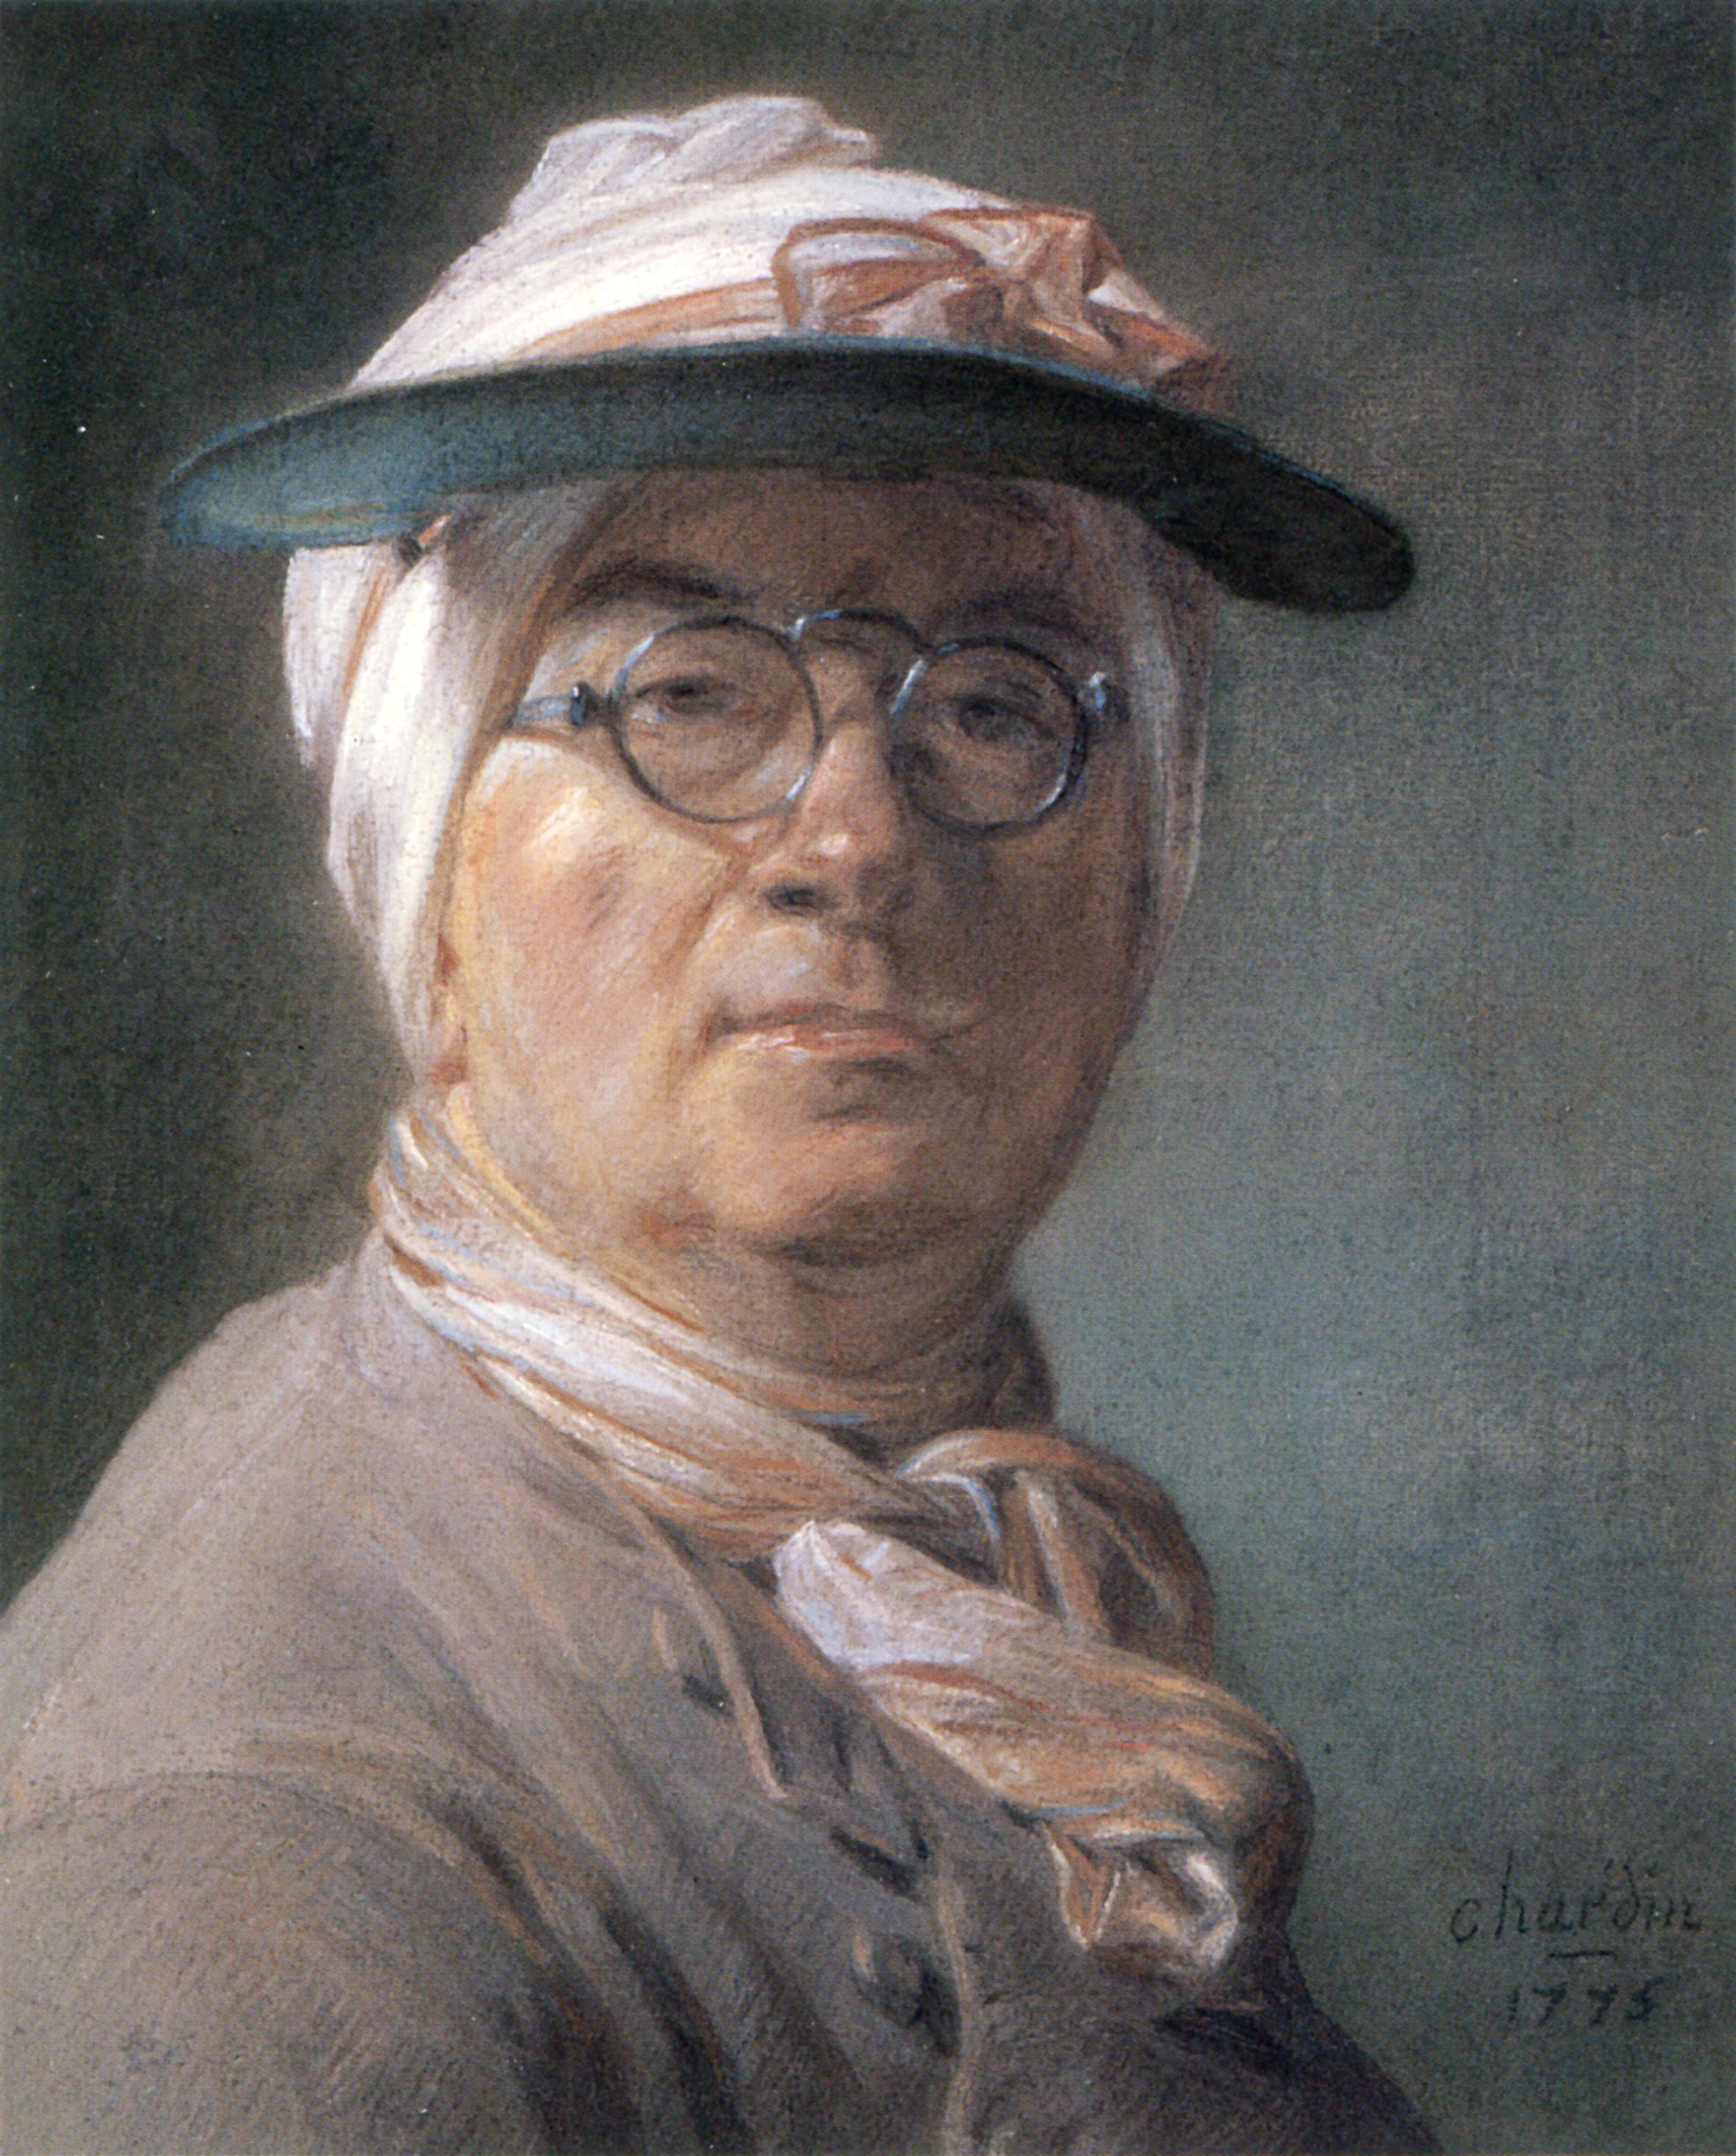 Self-portrait_wearing_Glasses_by_Jean-Baptiste-Siméon_Chardin.jpg